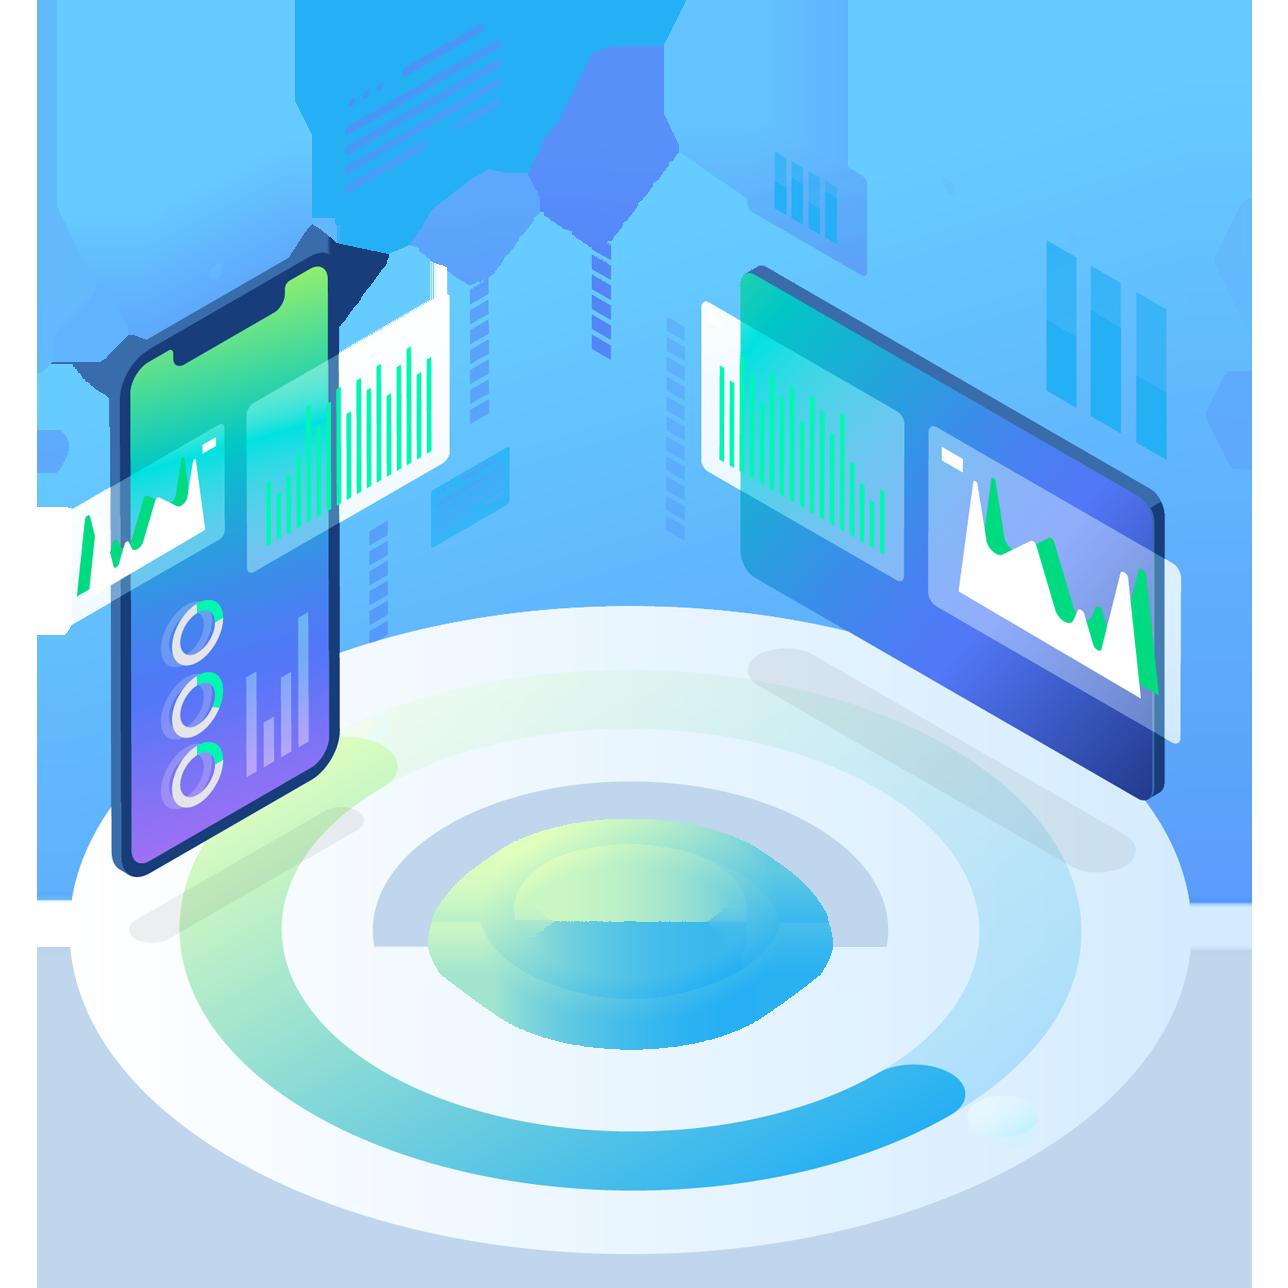 DW_Communication_Architecture